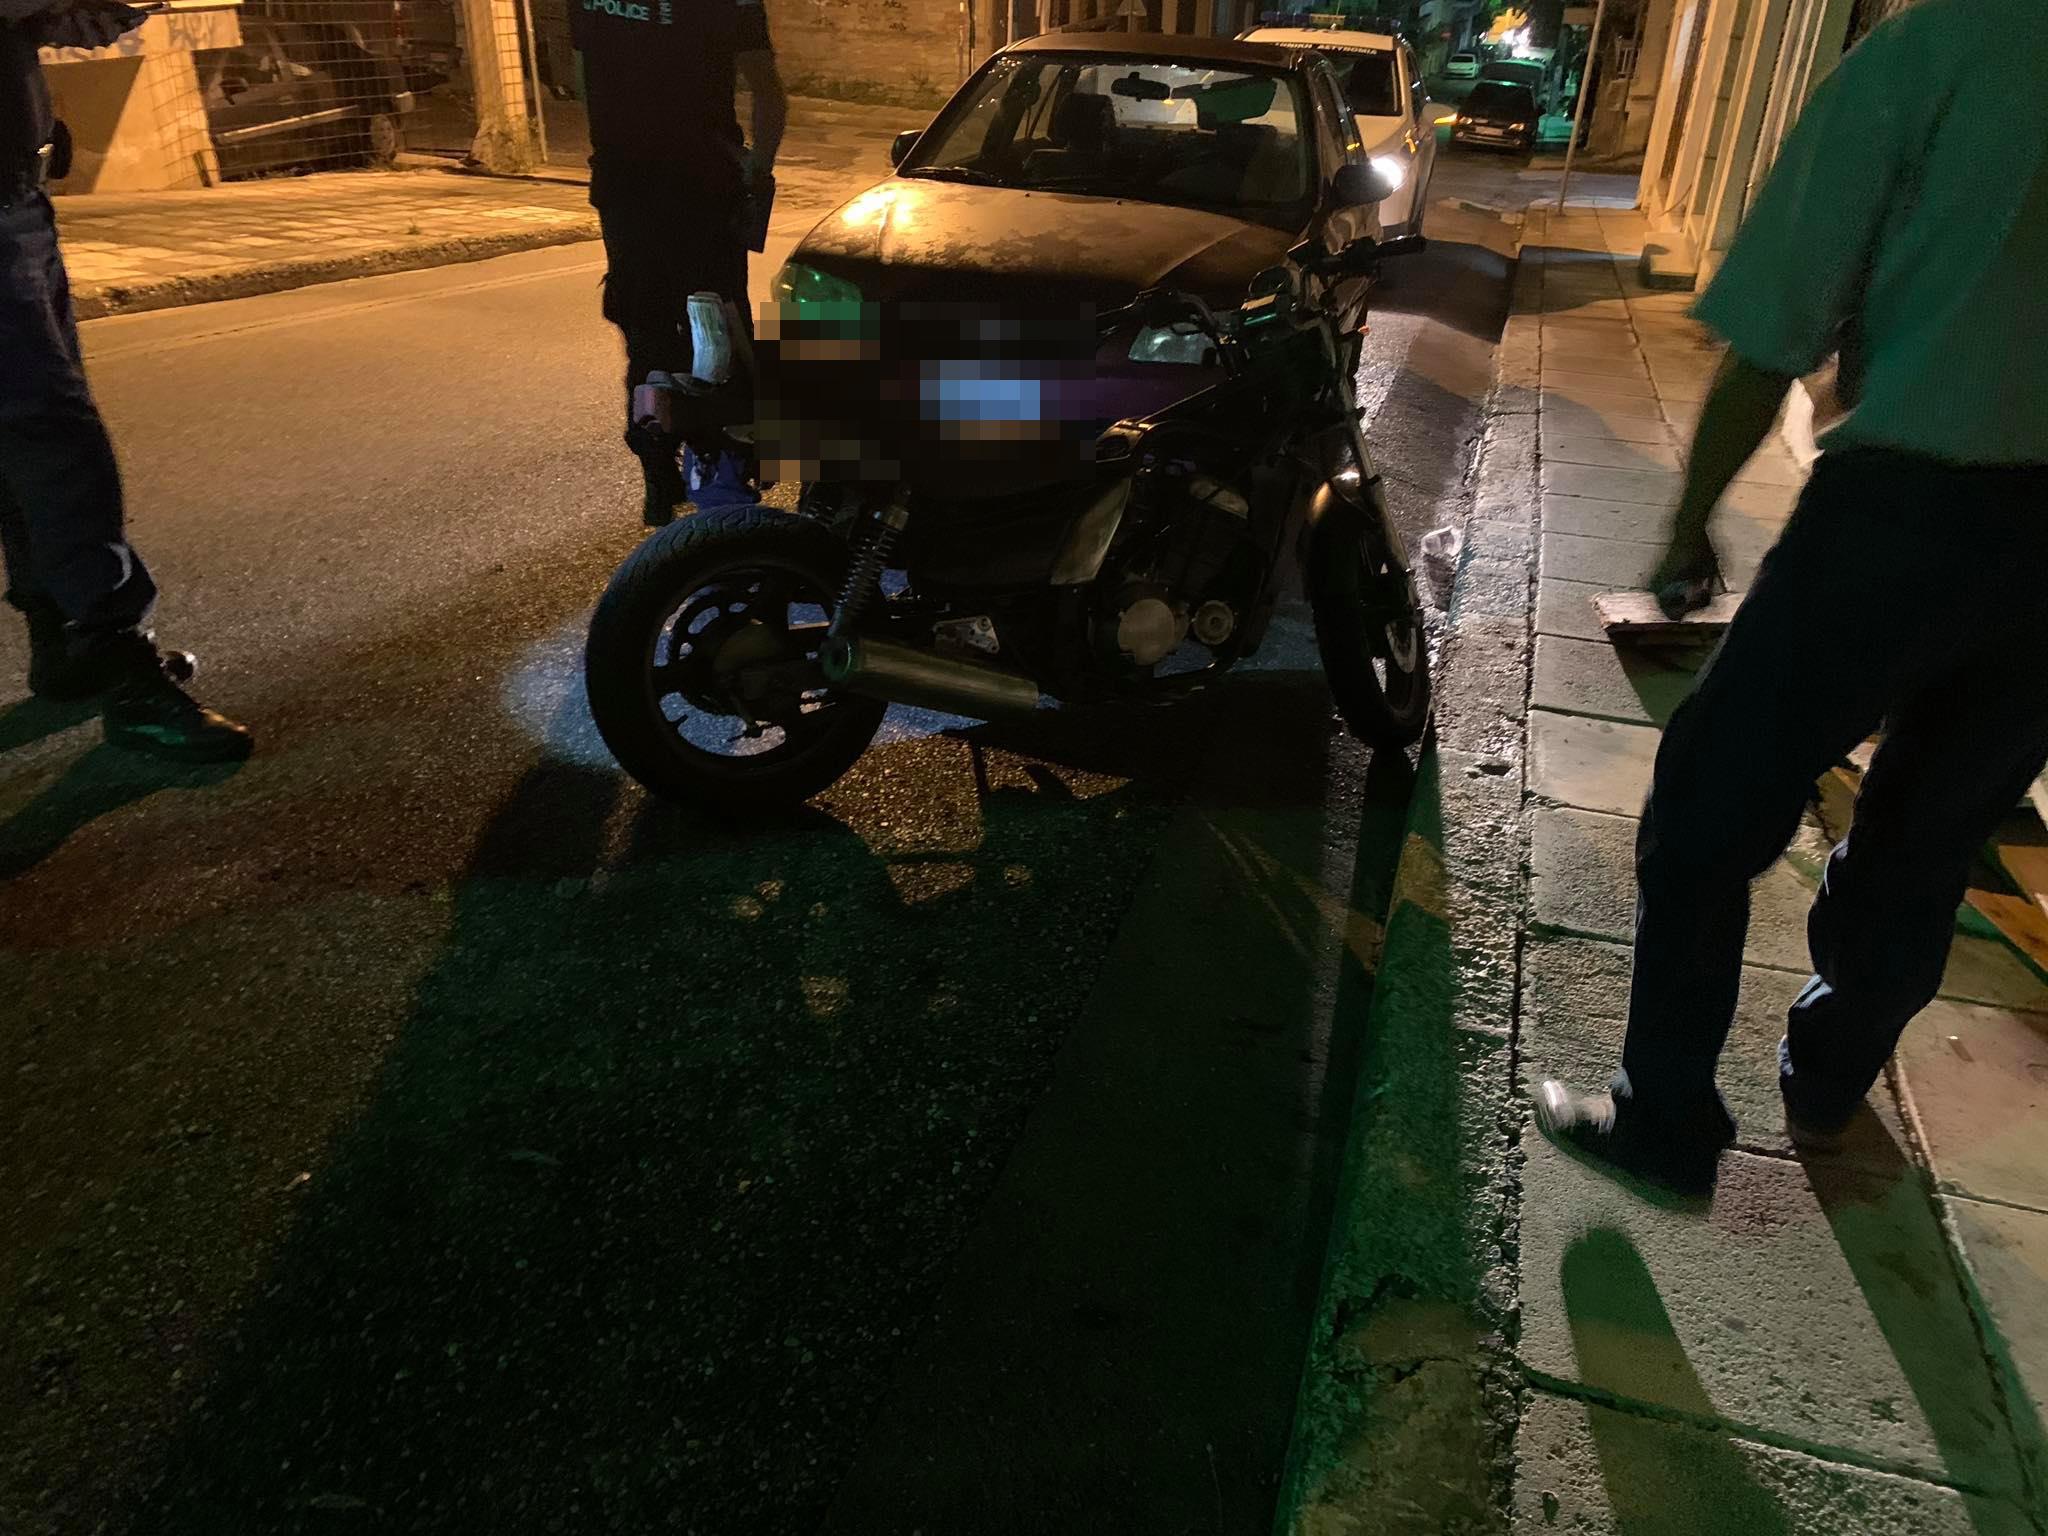 Ασυνήθιστος τραυματισμός 50χρονου στο Αγρίνιο